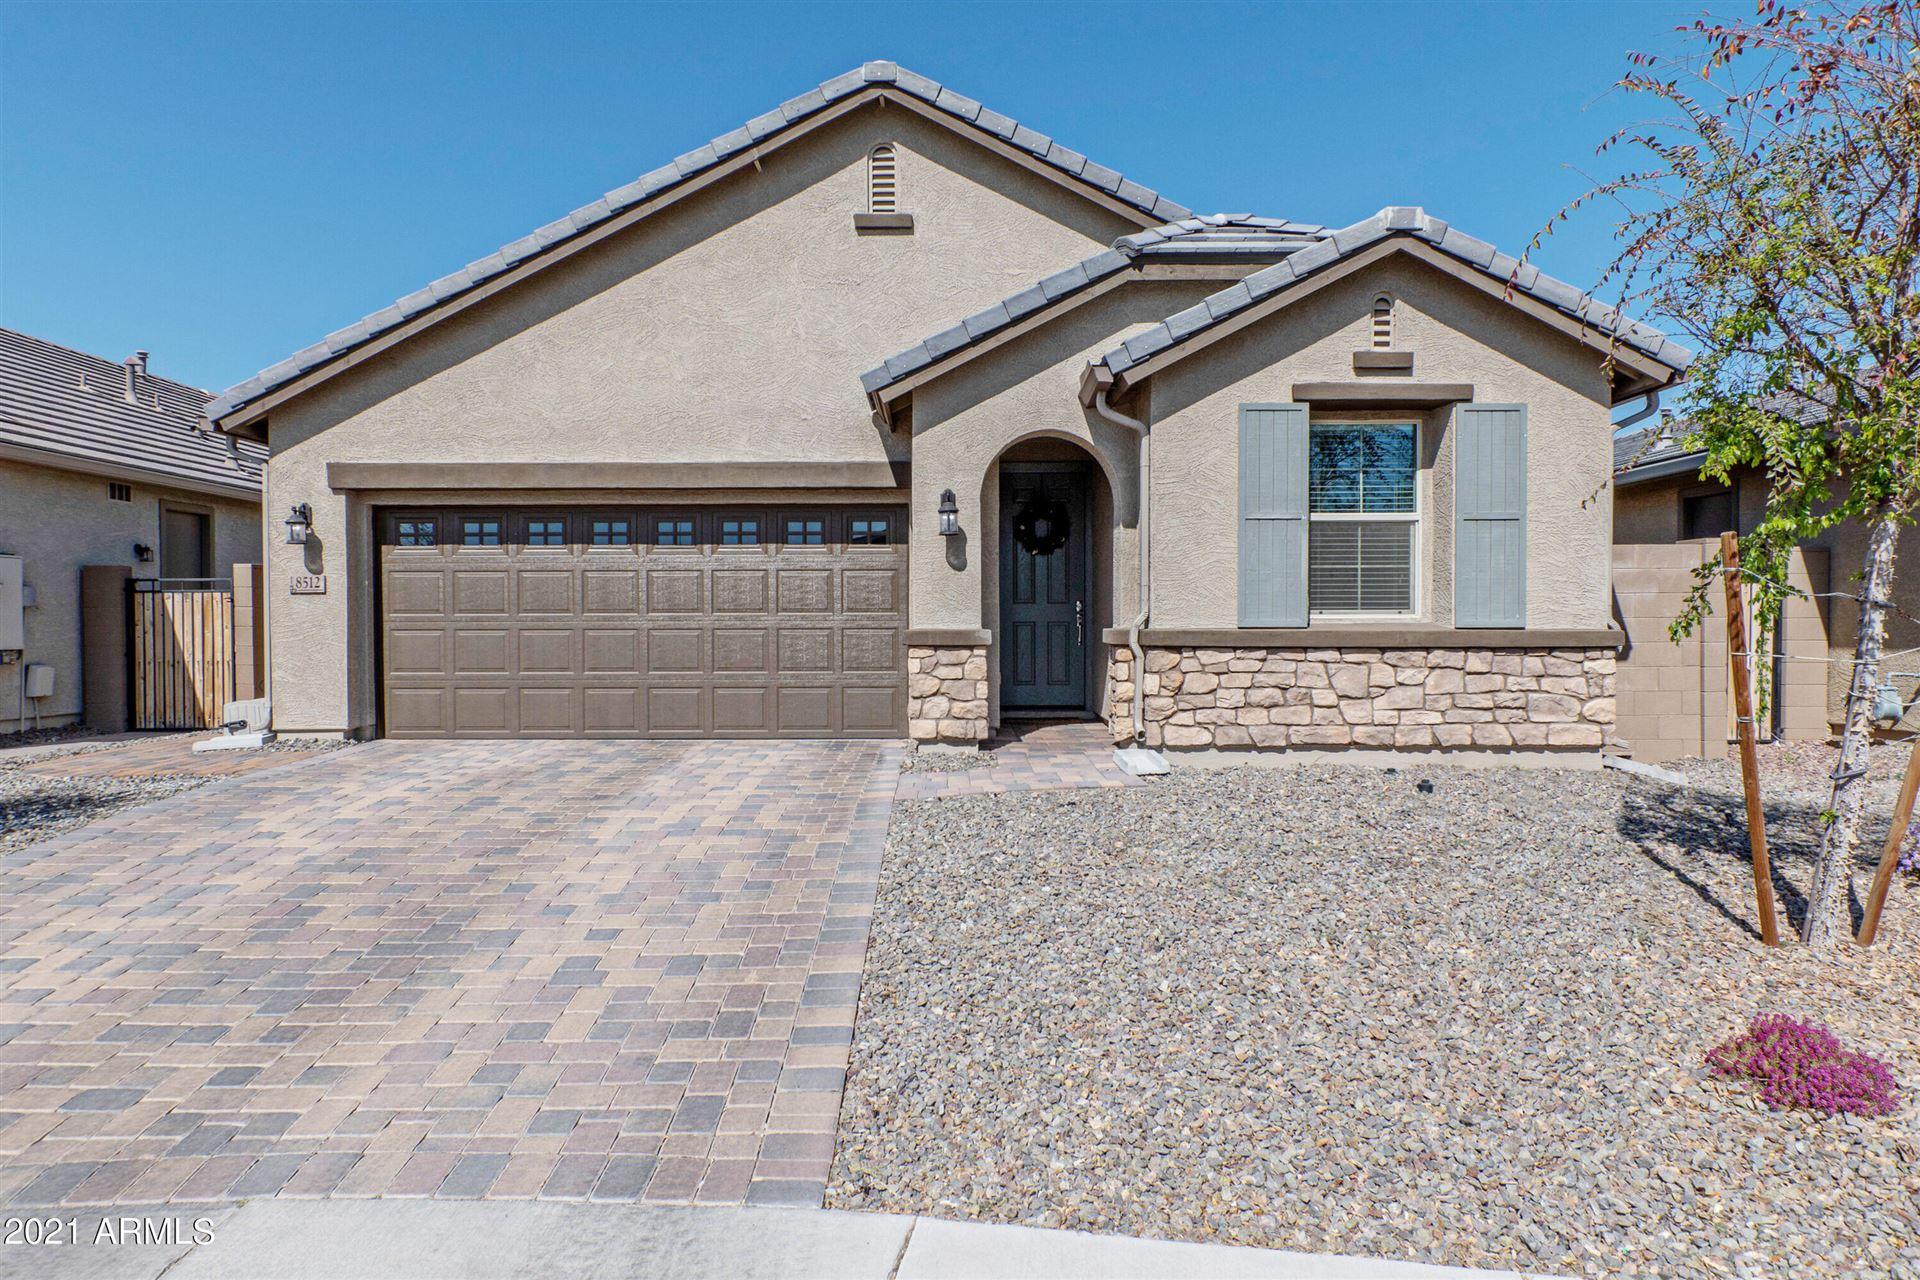 Photo of 8512 W FLYNN Lane, Glendale, AZ 85305 (MLS # 6200795)